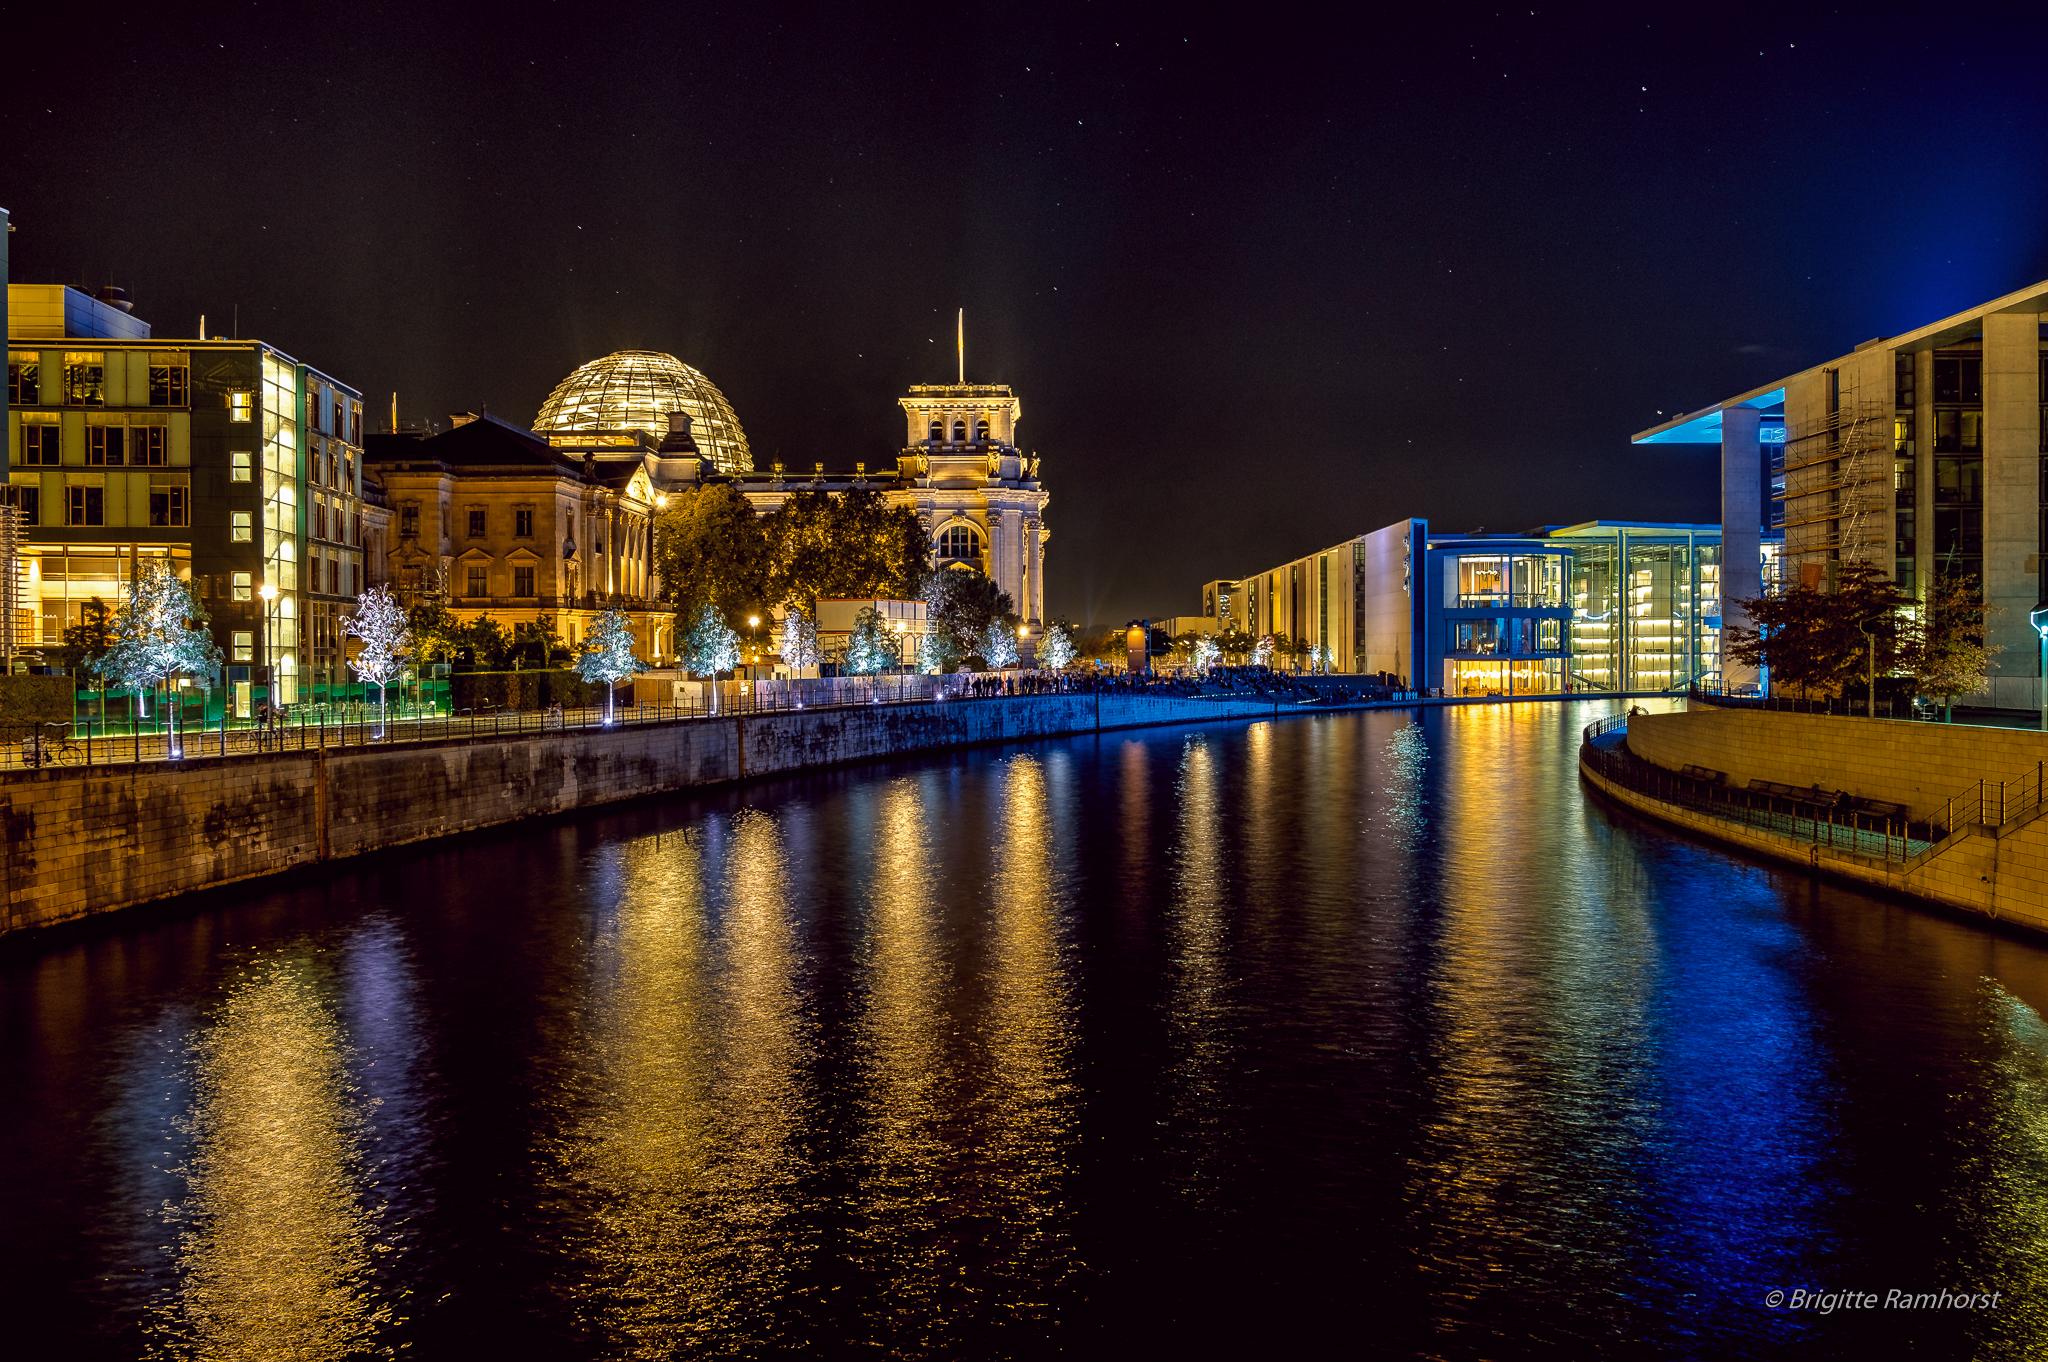 Reichstag und Bundestag - by Brigitte Ramhorst